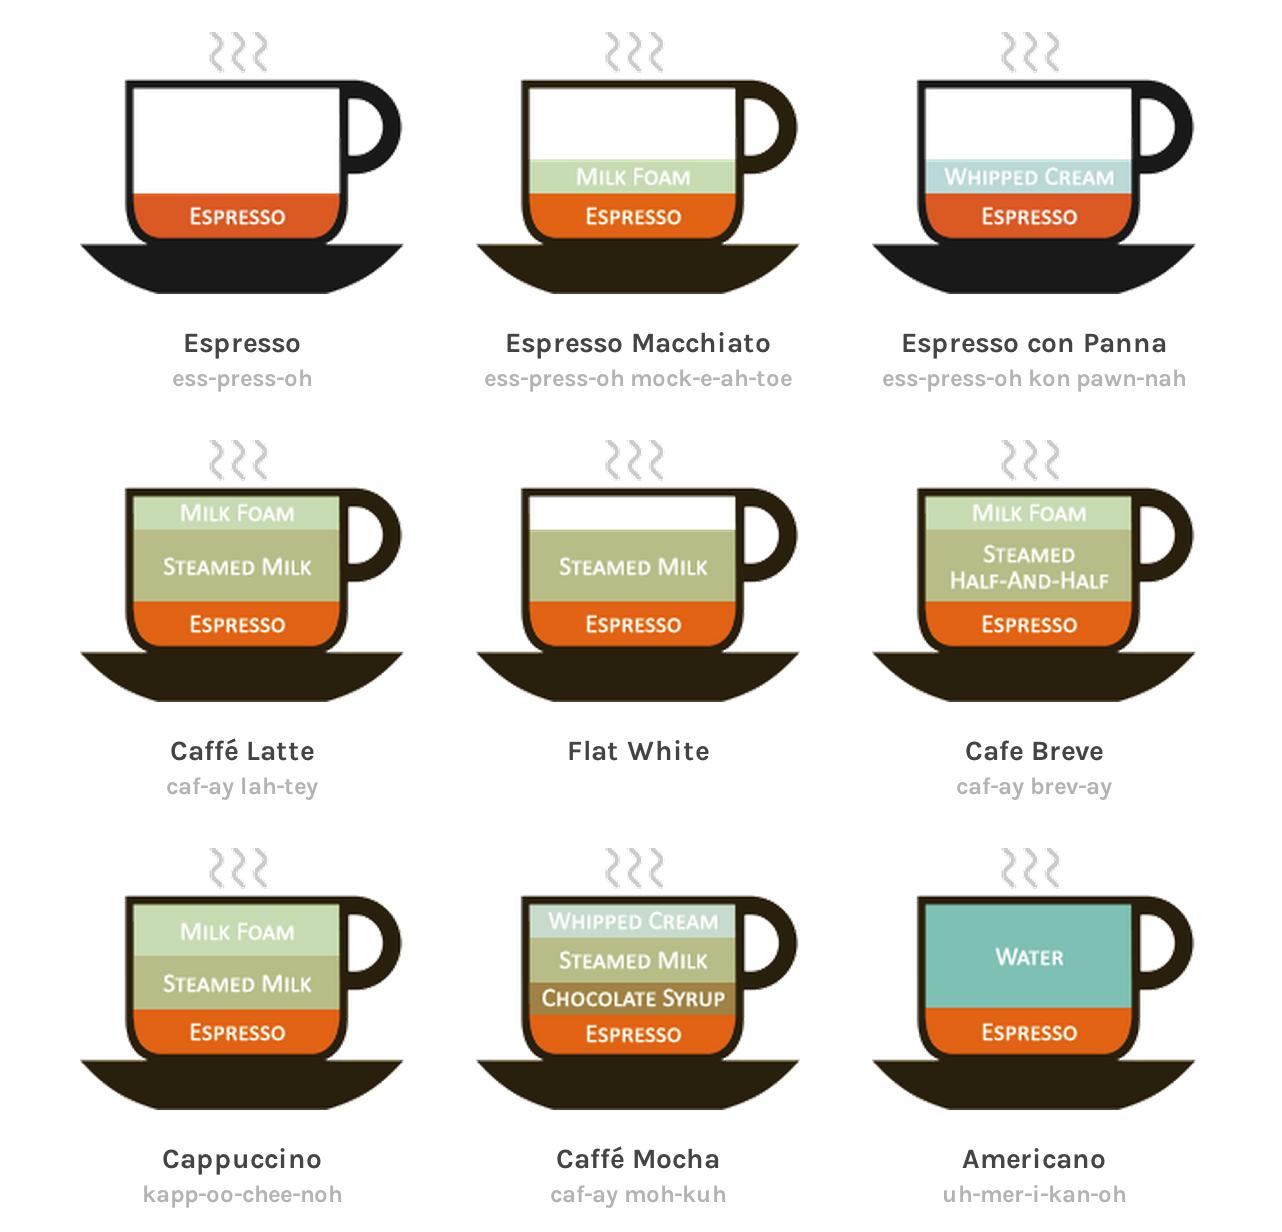 これはすごい コーヒーの違いを表した1枚の画像 カフェラテ カプチーノ コーヒー 種類 コーヒー